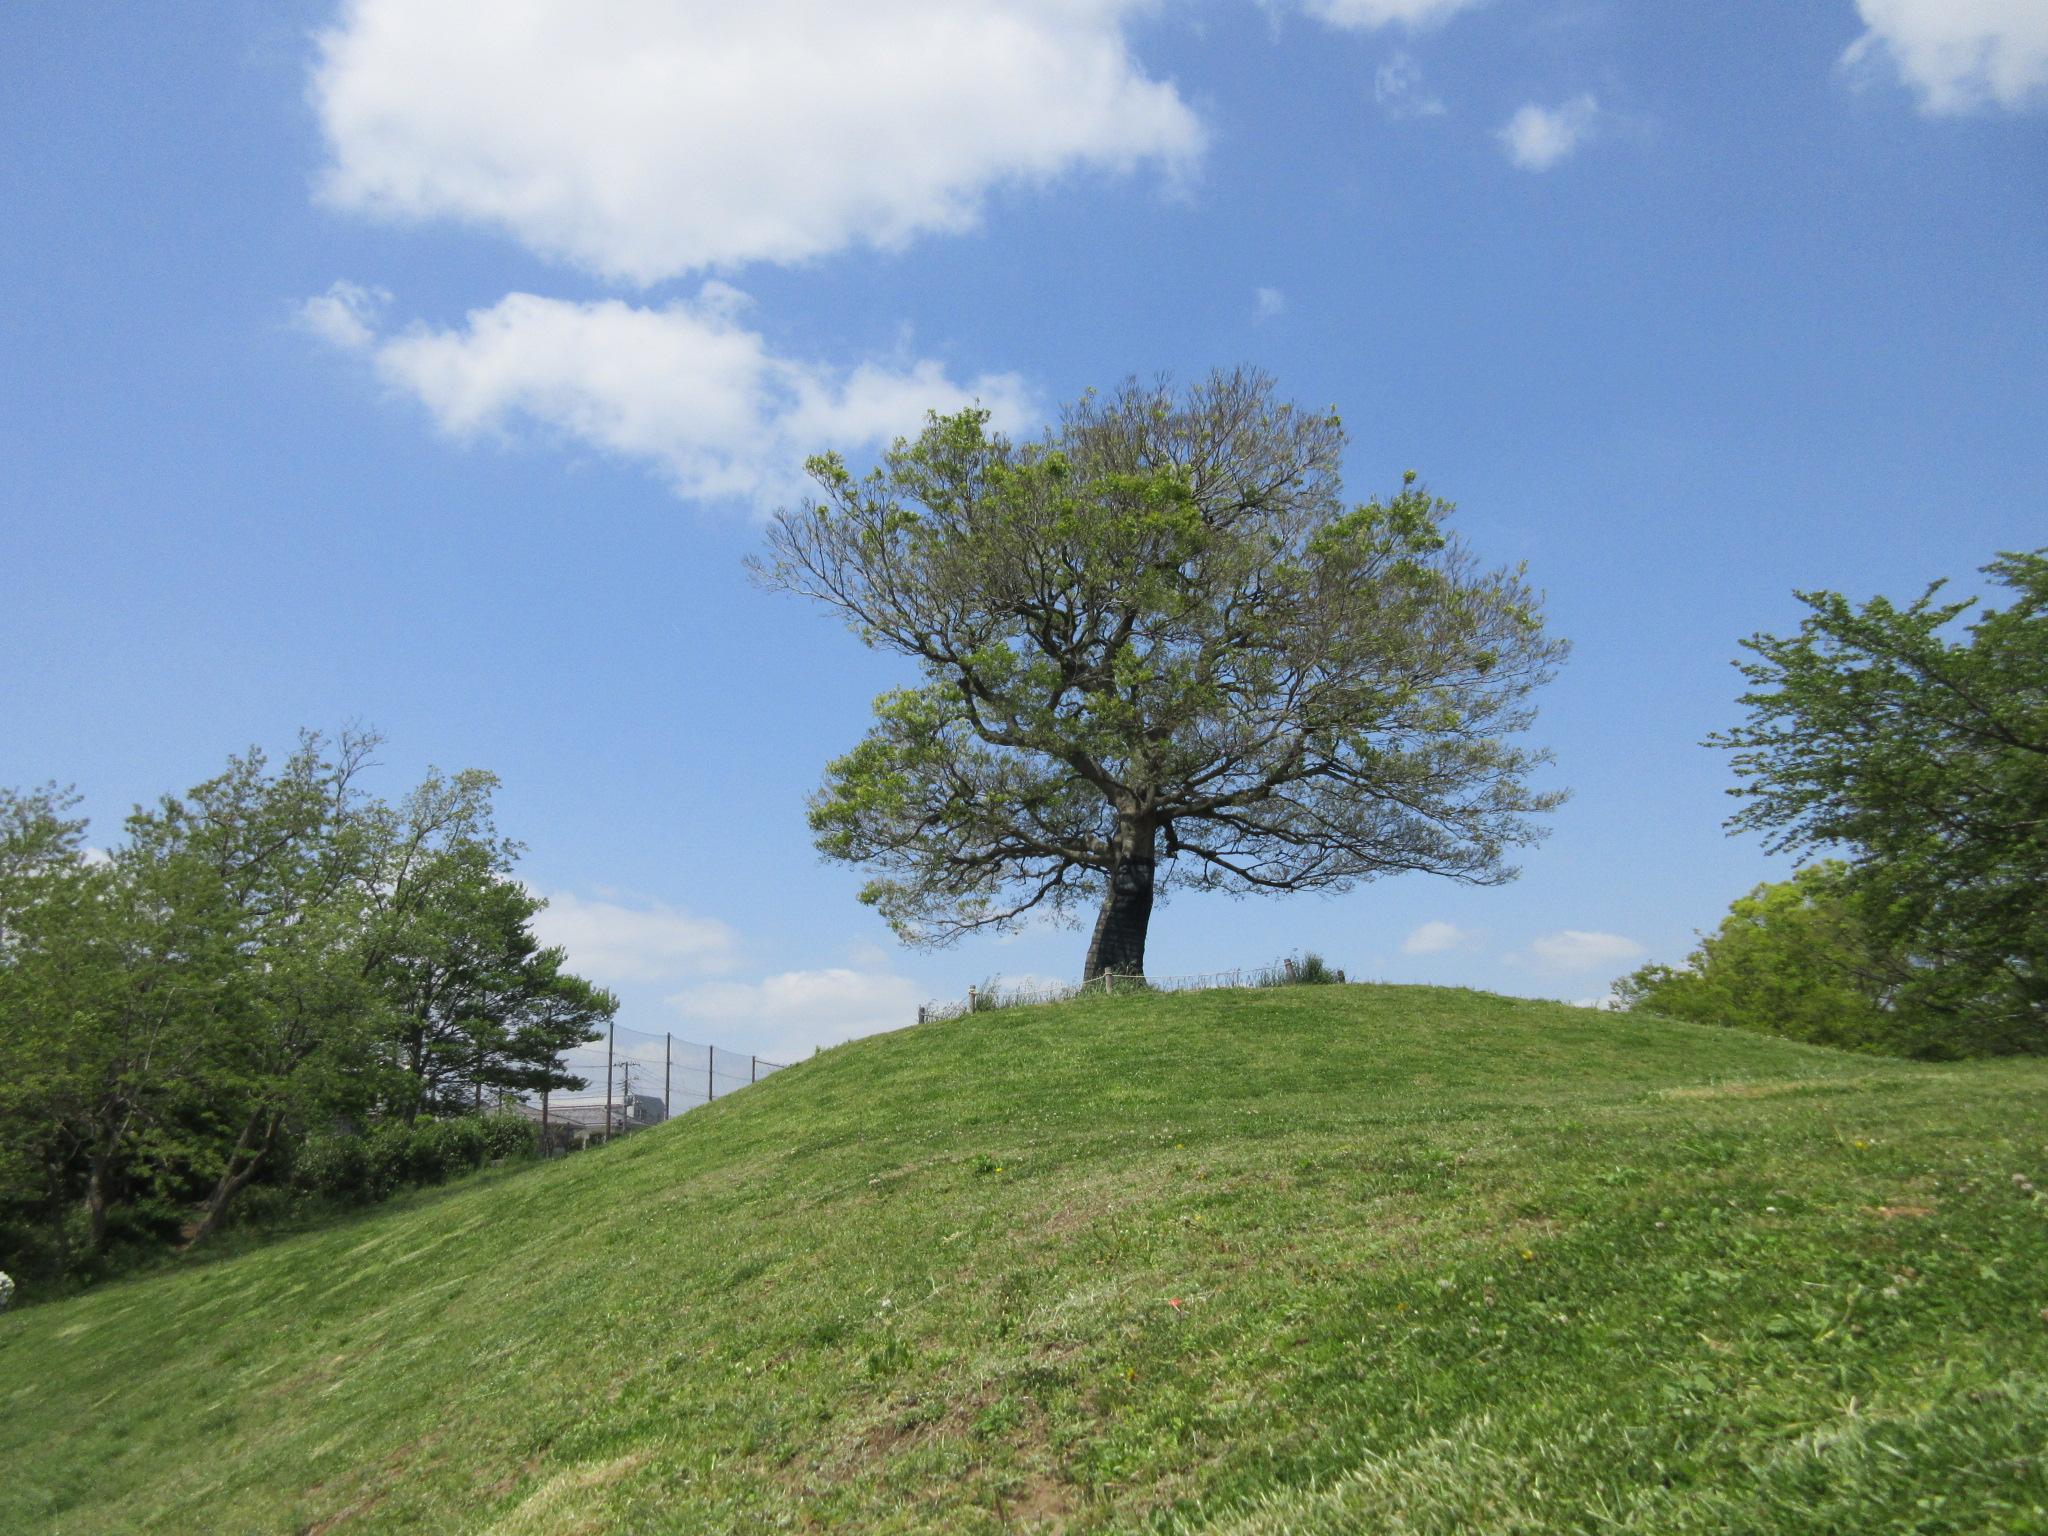 横浜にあるラピュタな公園 ベスト3 横浜でジブリなスポットを探せ